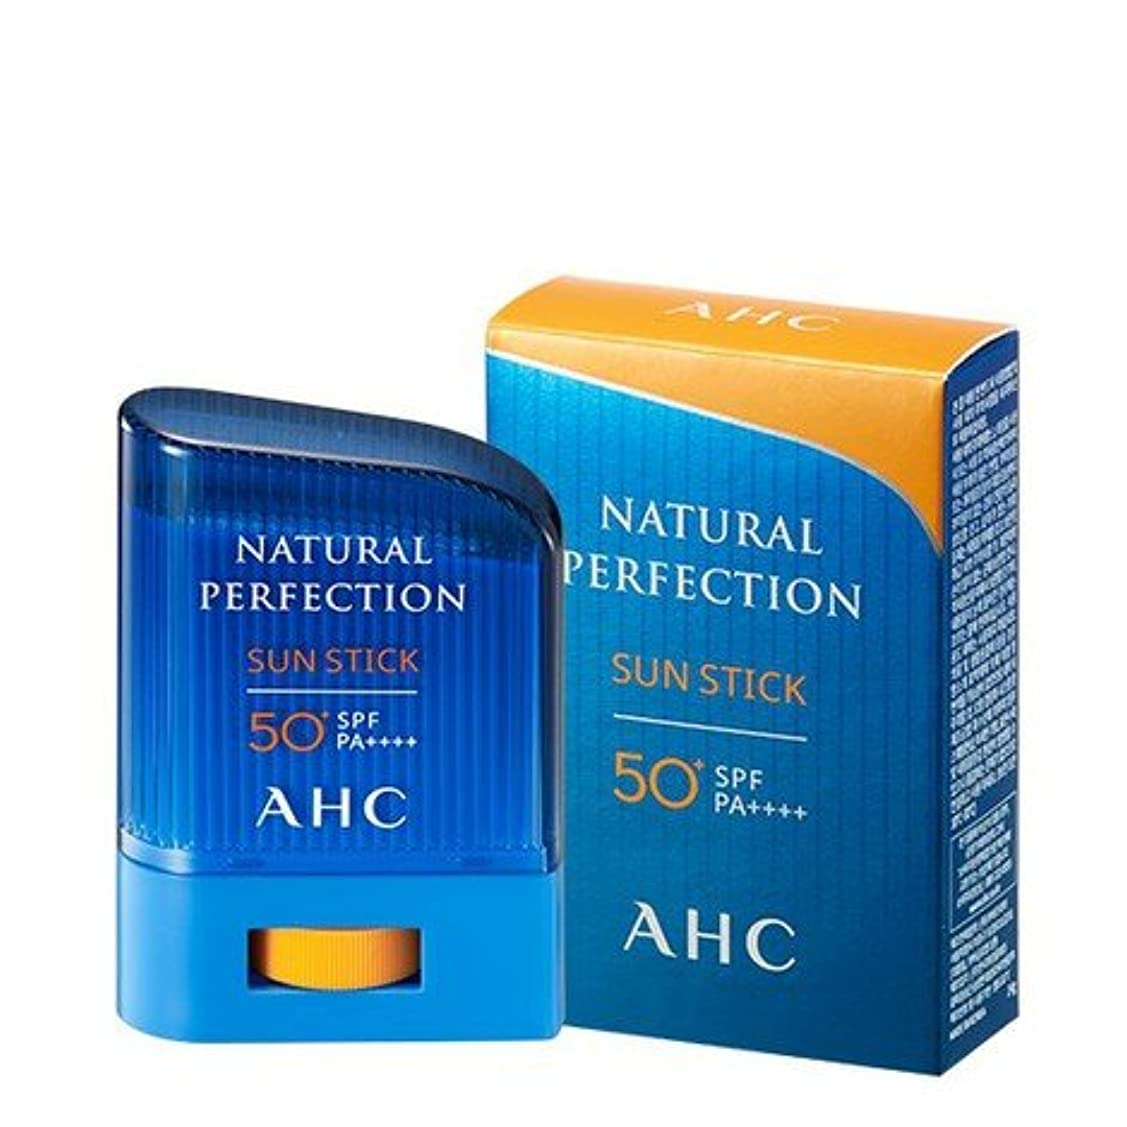 言うアトム音[Renewal 最新] AHCナチュラルパーフェクション線スティック / AHC NATURAL PERFECTION SUN STICK [SPF 50+ / PA ++++] [並行輸入品] (14g)